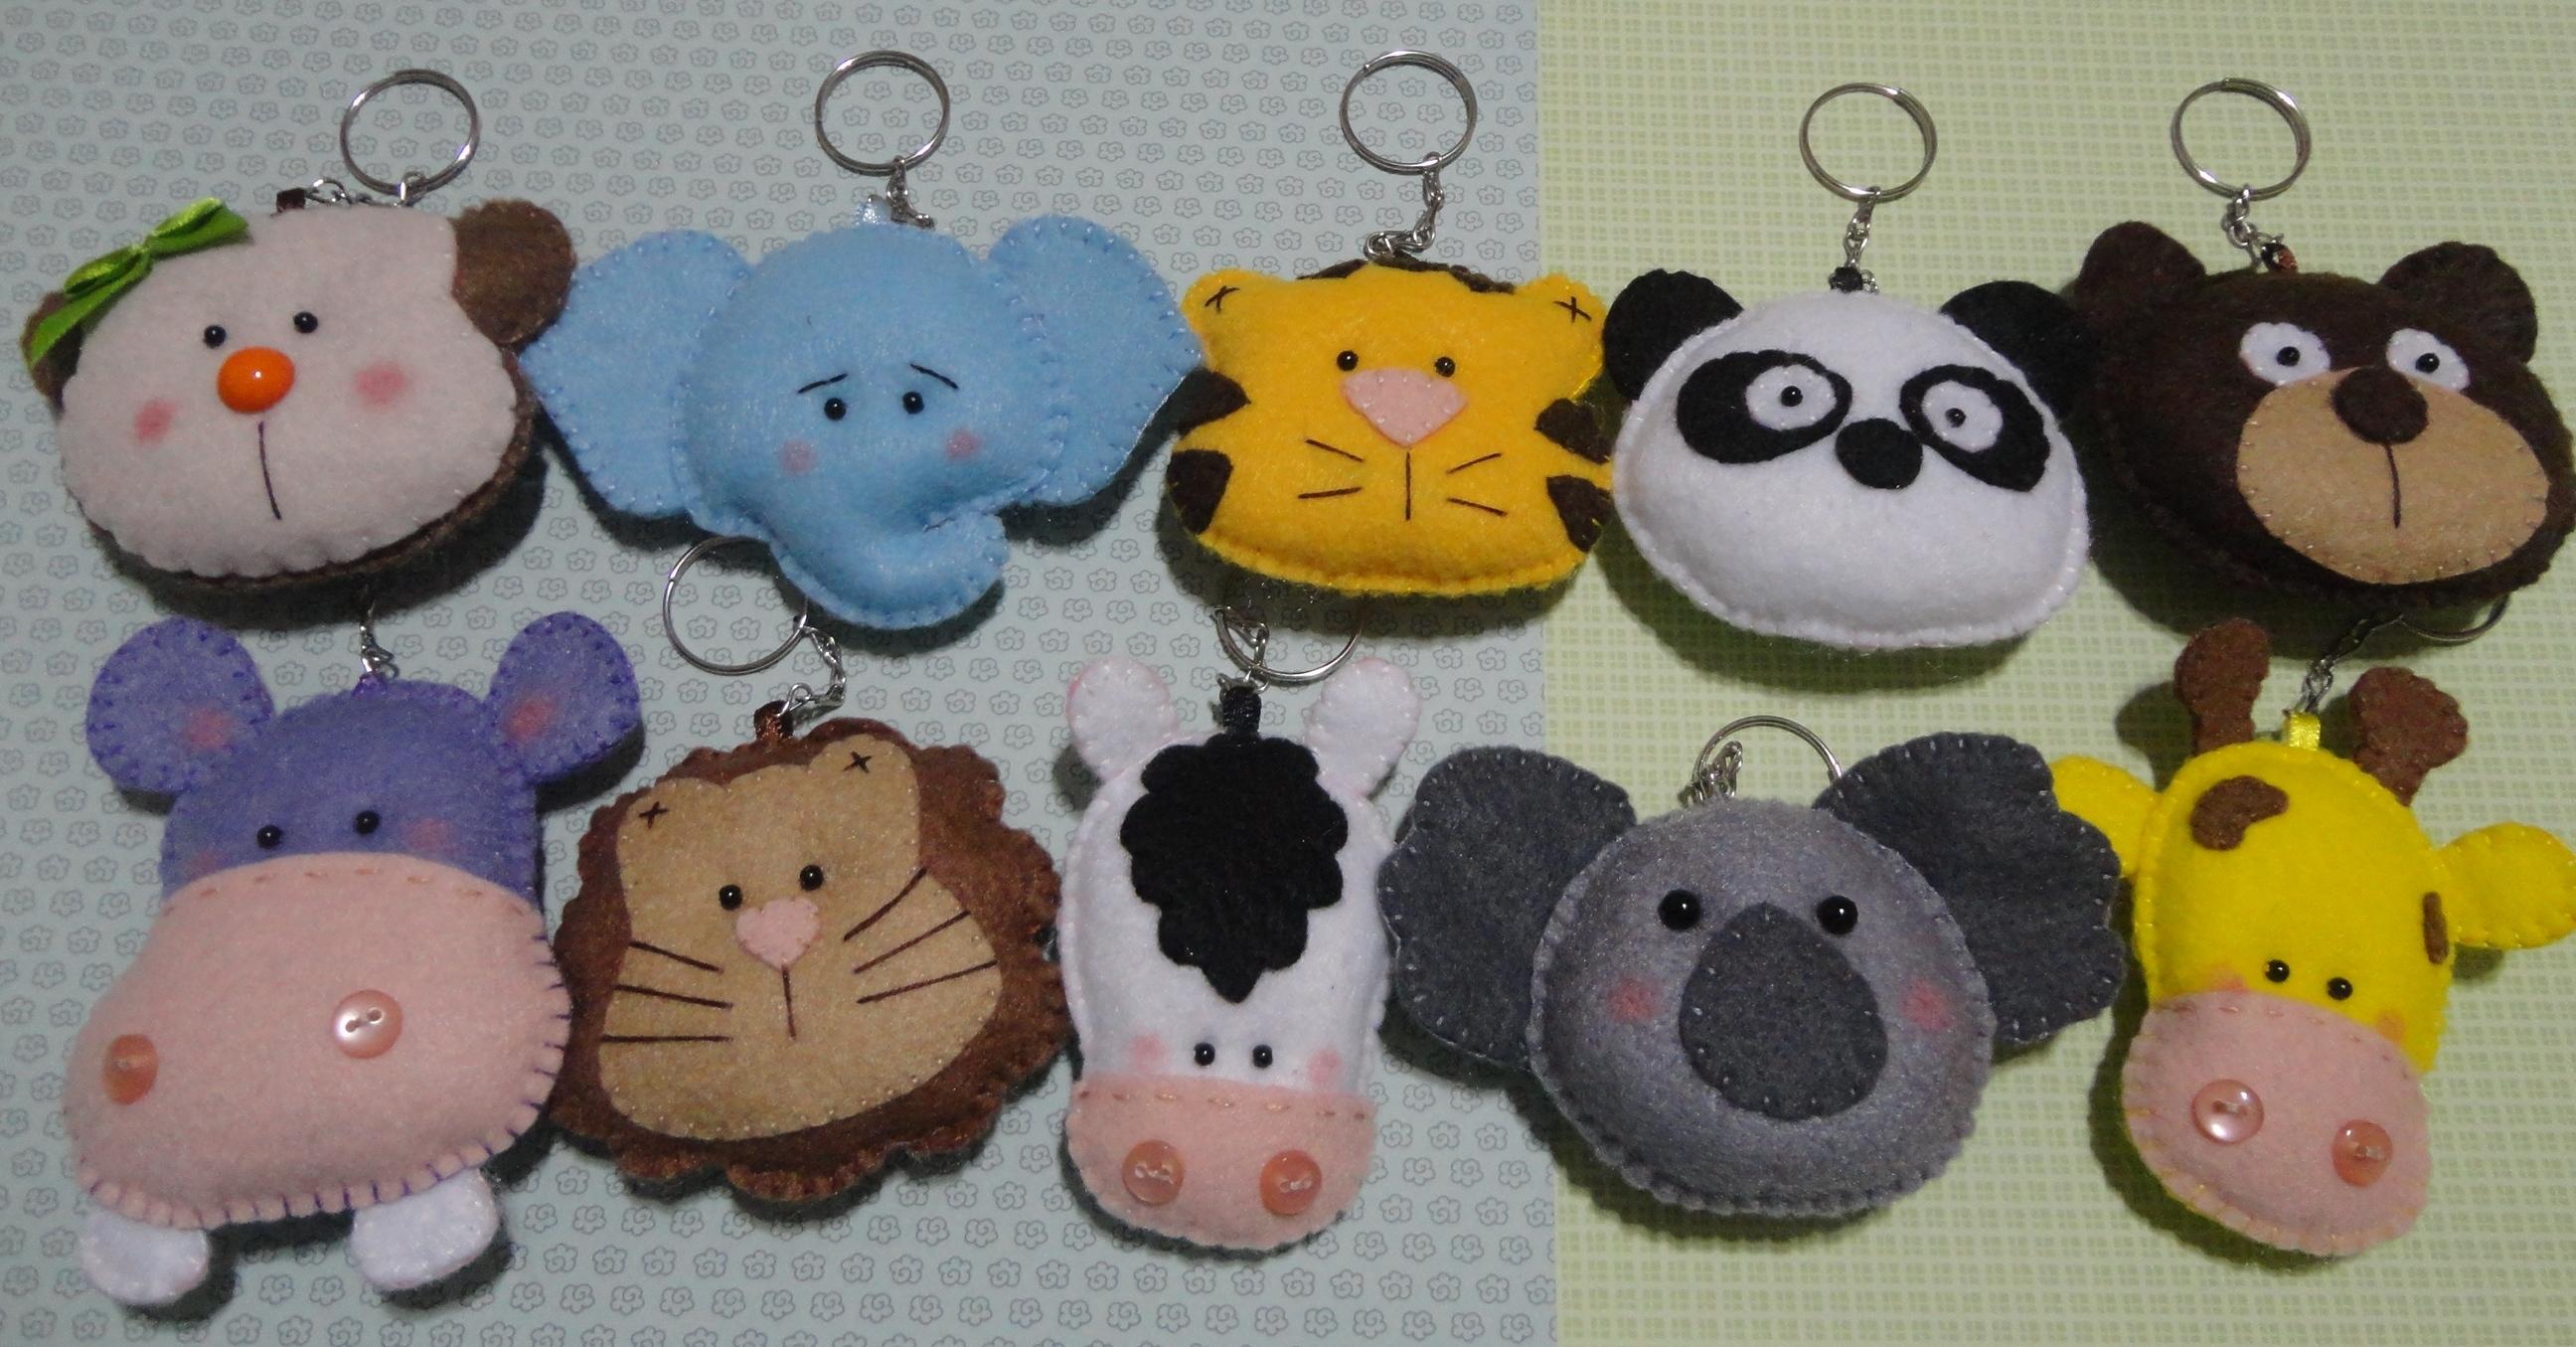 Safari - Panda em Feltro Lembrancinha Safari - Panda em Feltro